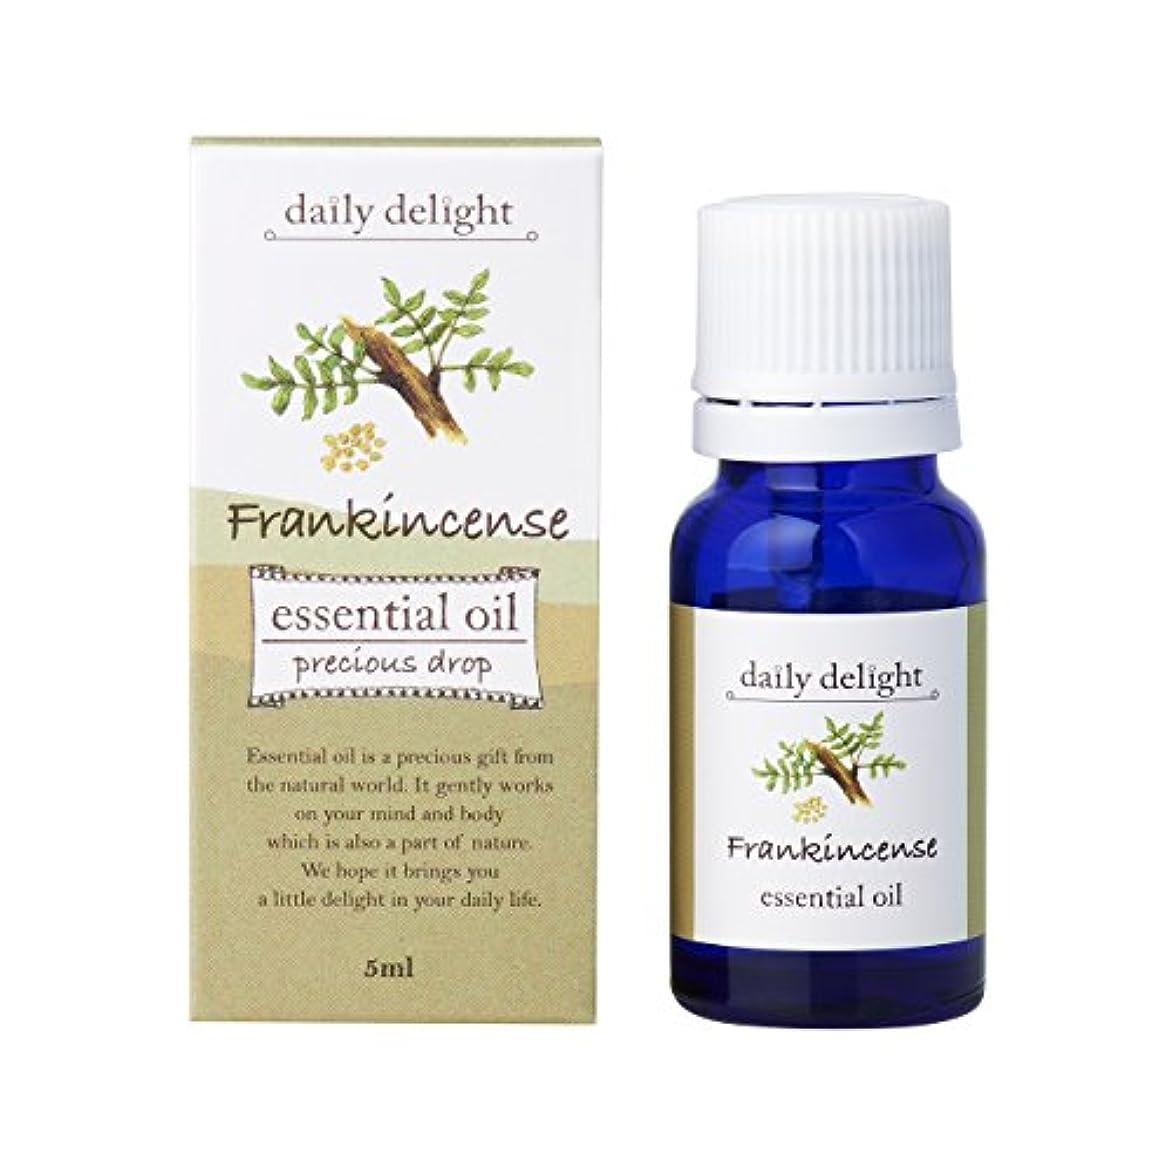 変数代表ペースデイリーディライト エッセンシャルオイル フランキンセンス 5ml(天然100% 精油 アロマ 樹脂系 樹脂から採れるさわやかな木の香り)